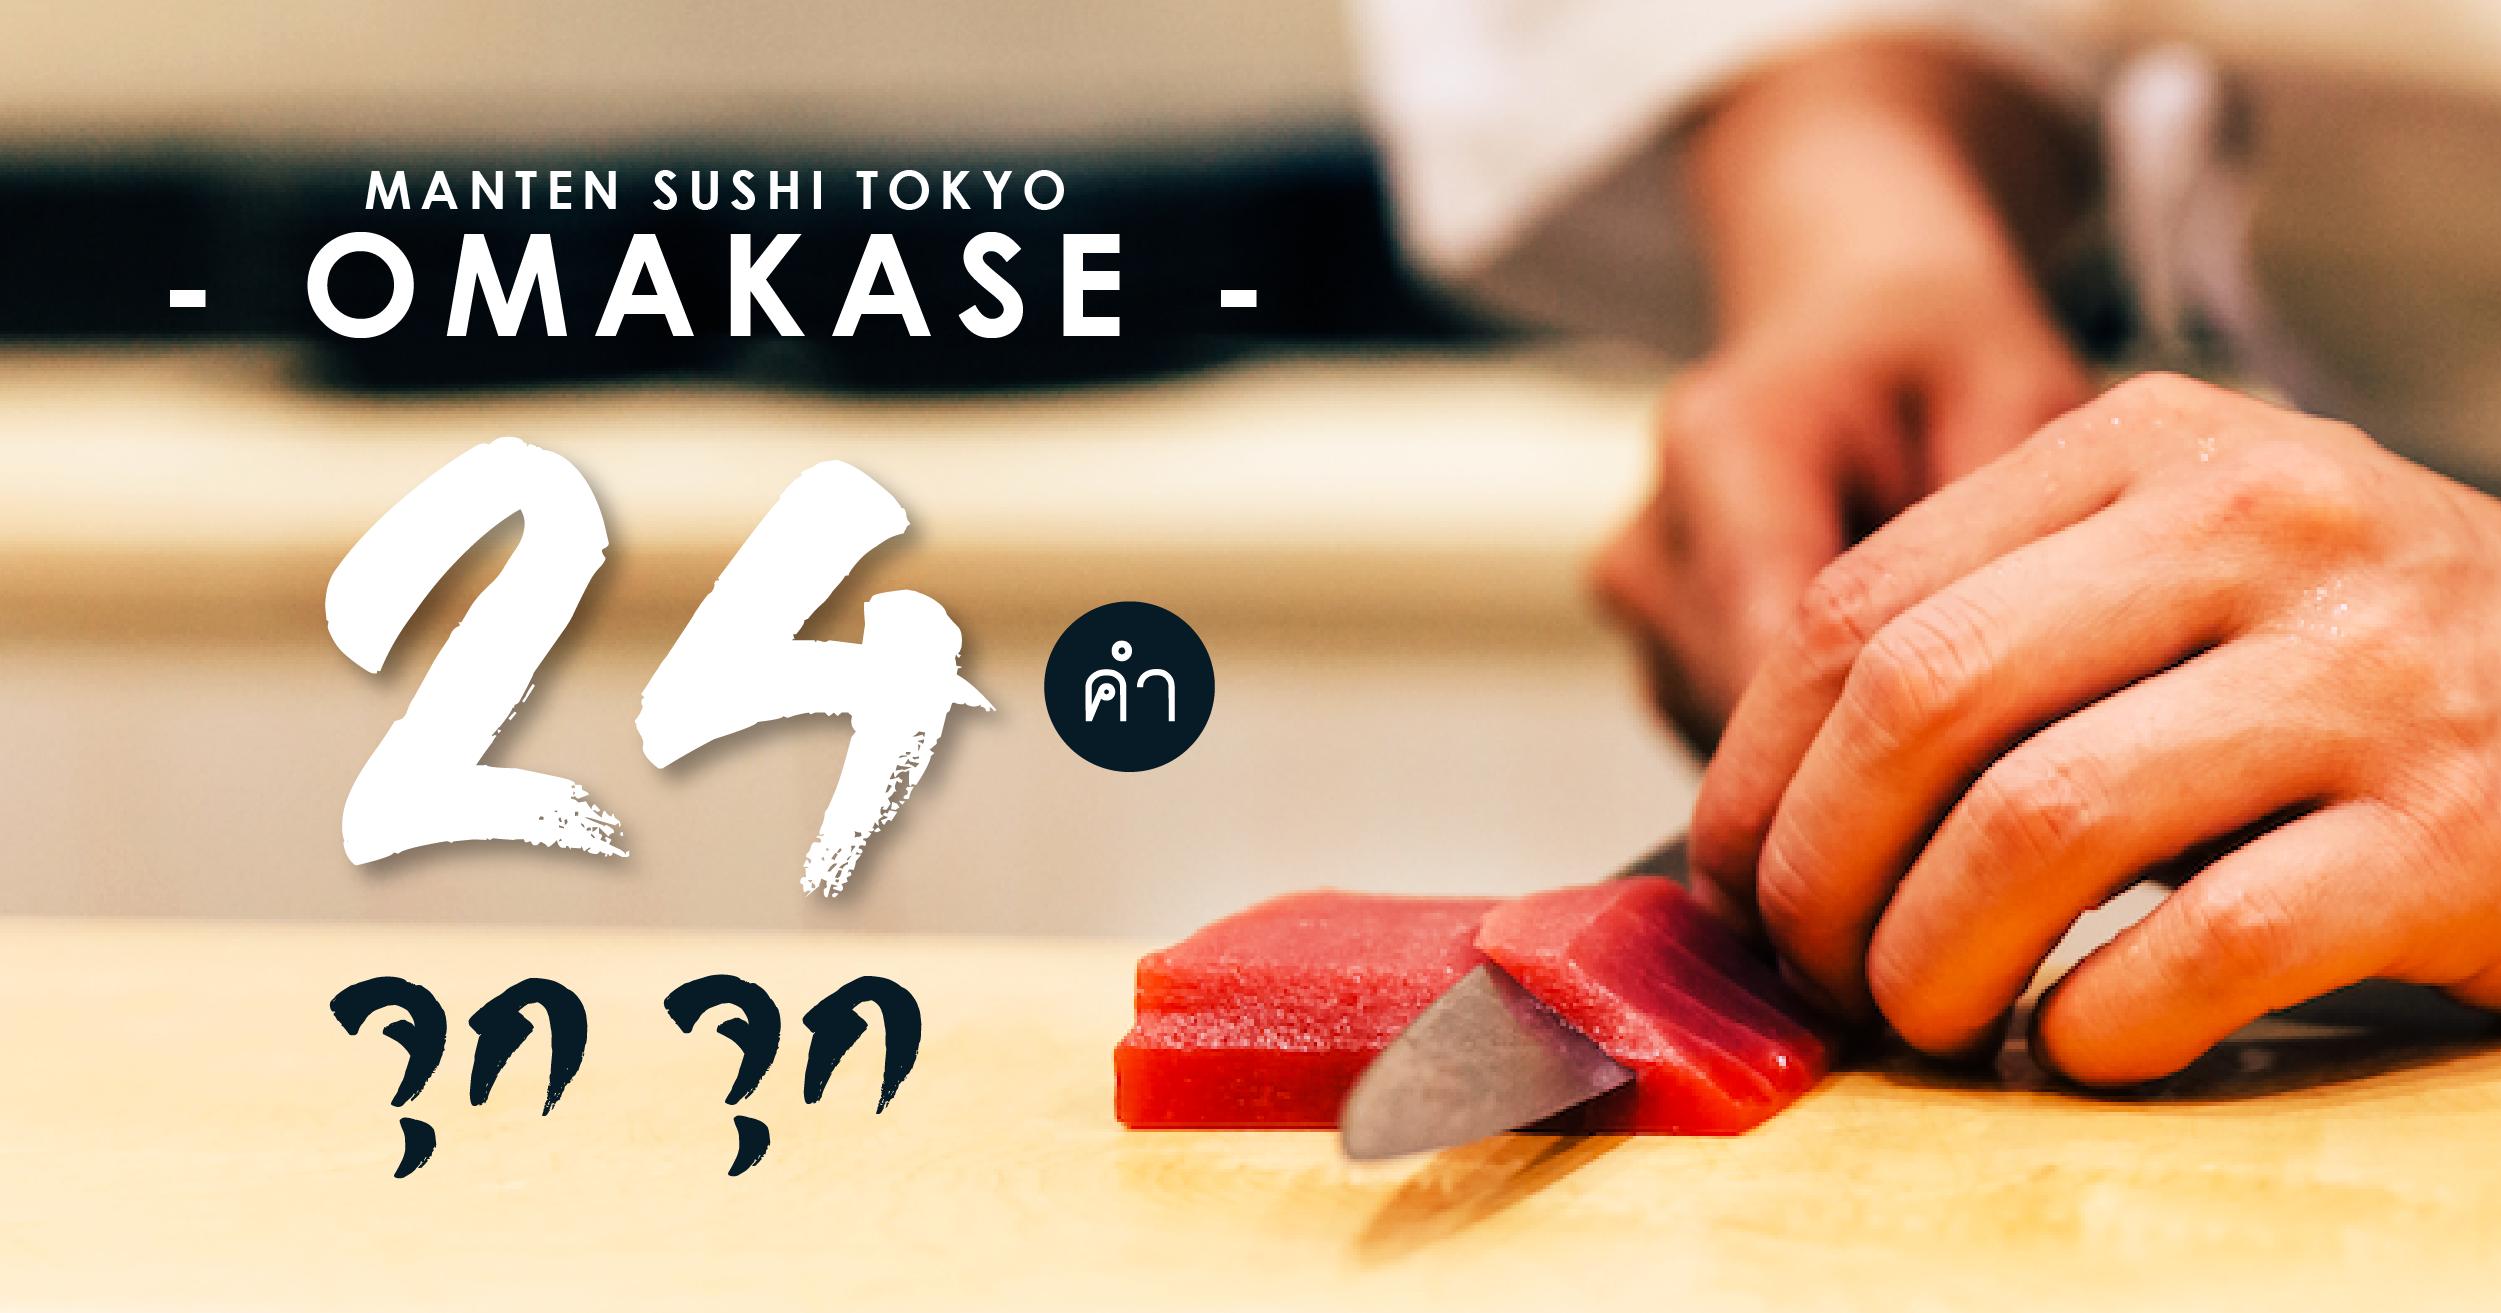 Omakase sushiซูชิ โตเกียว